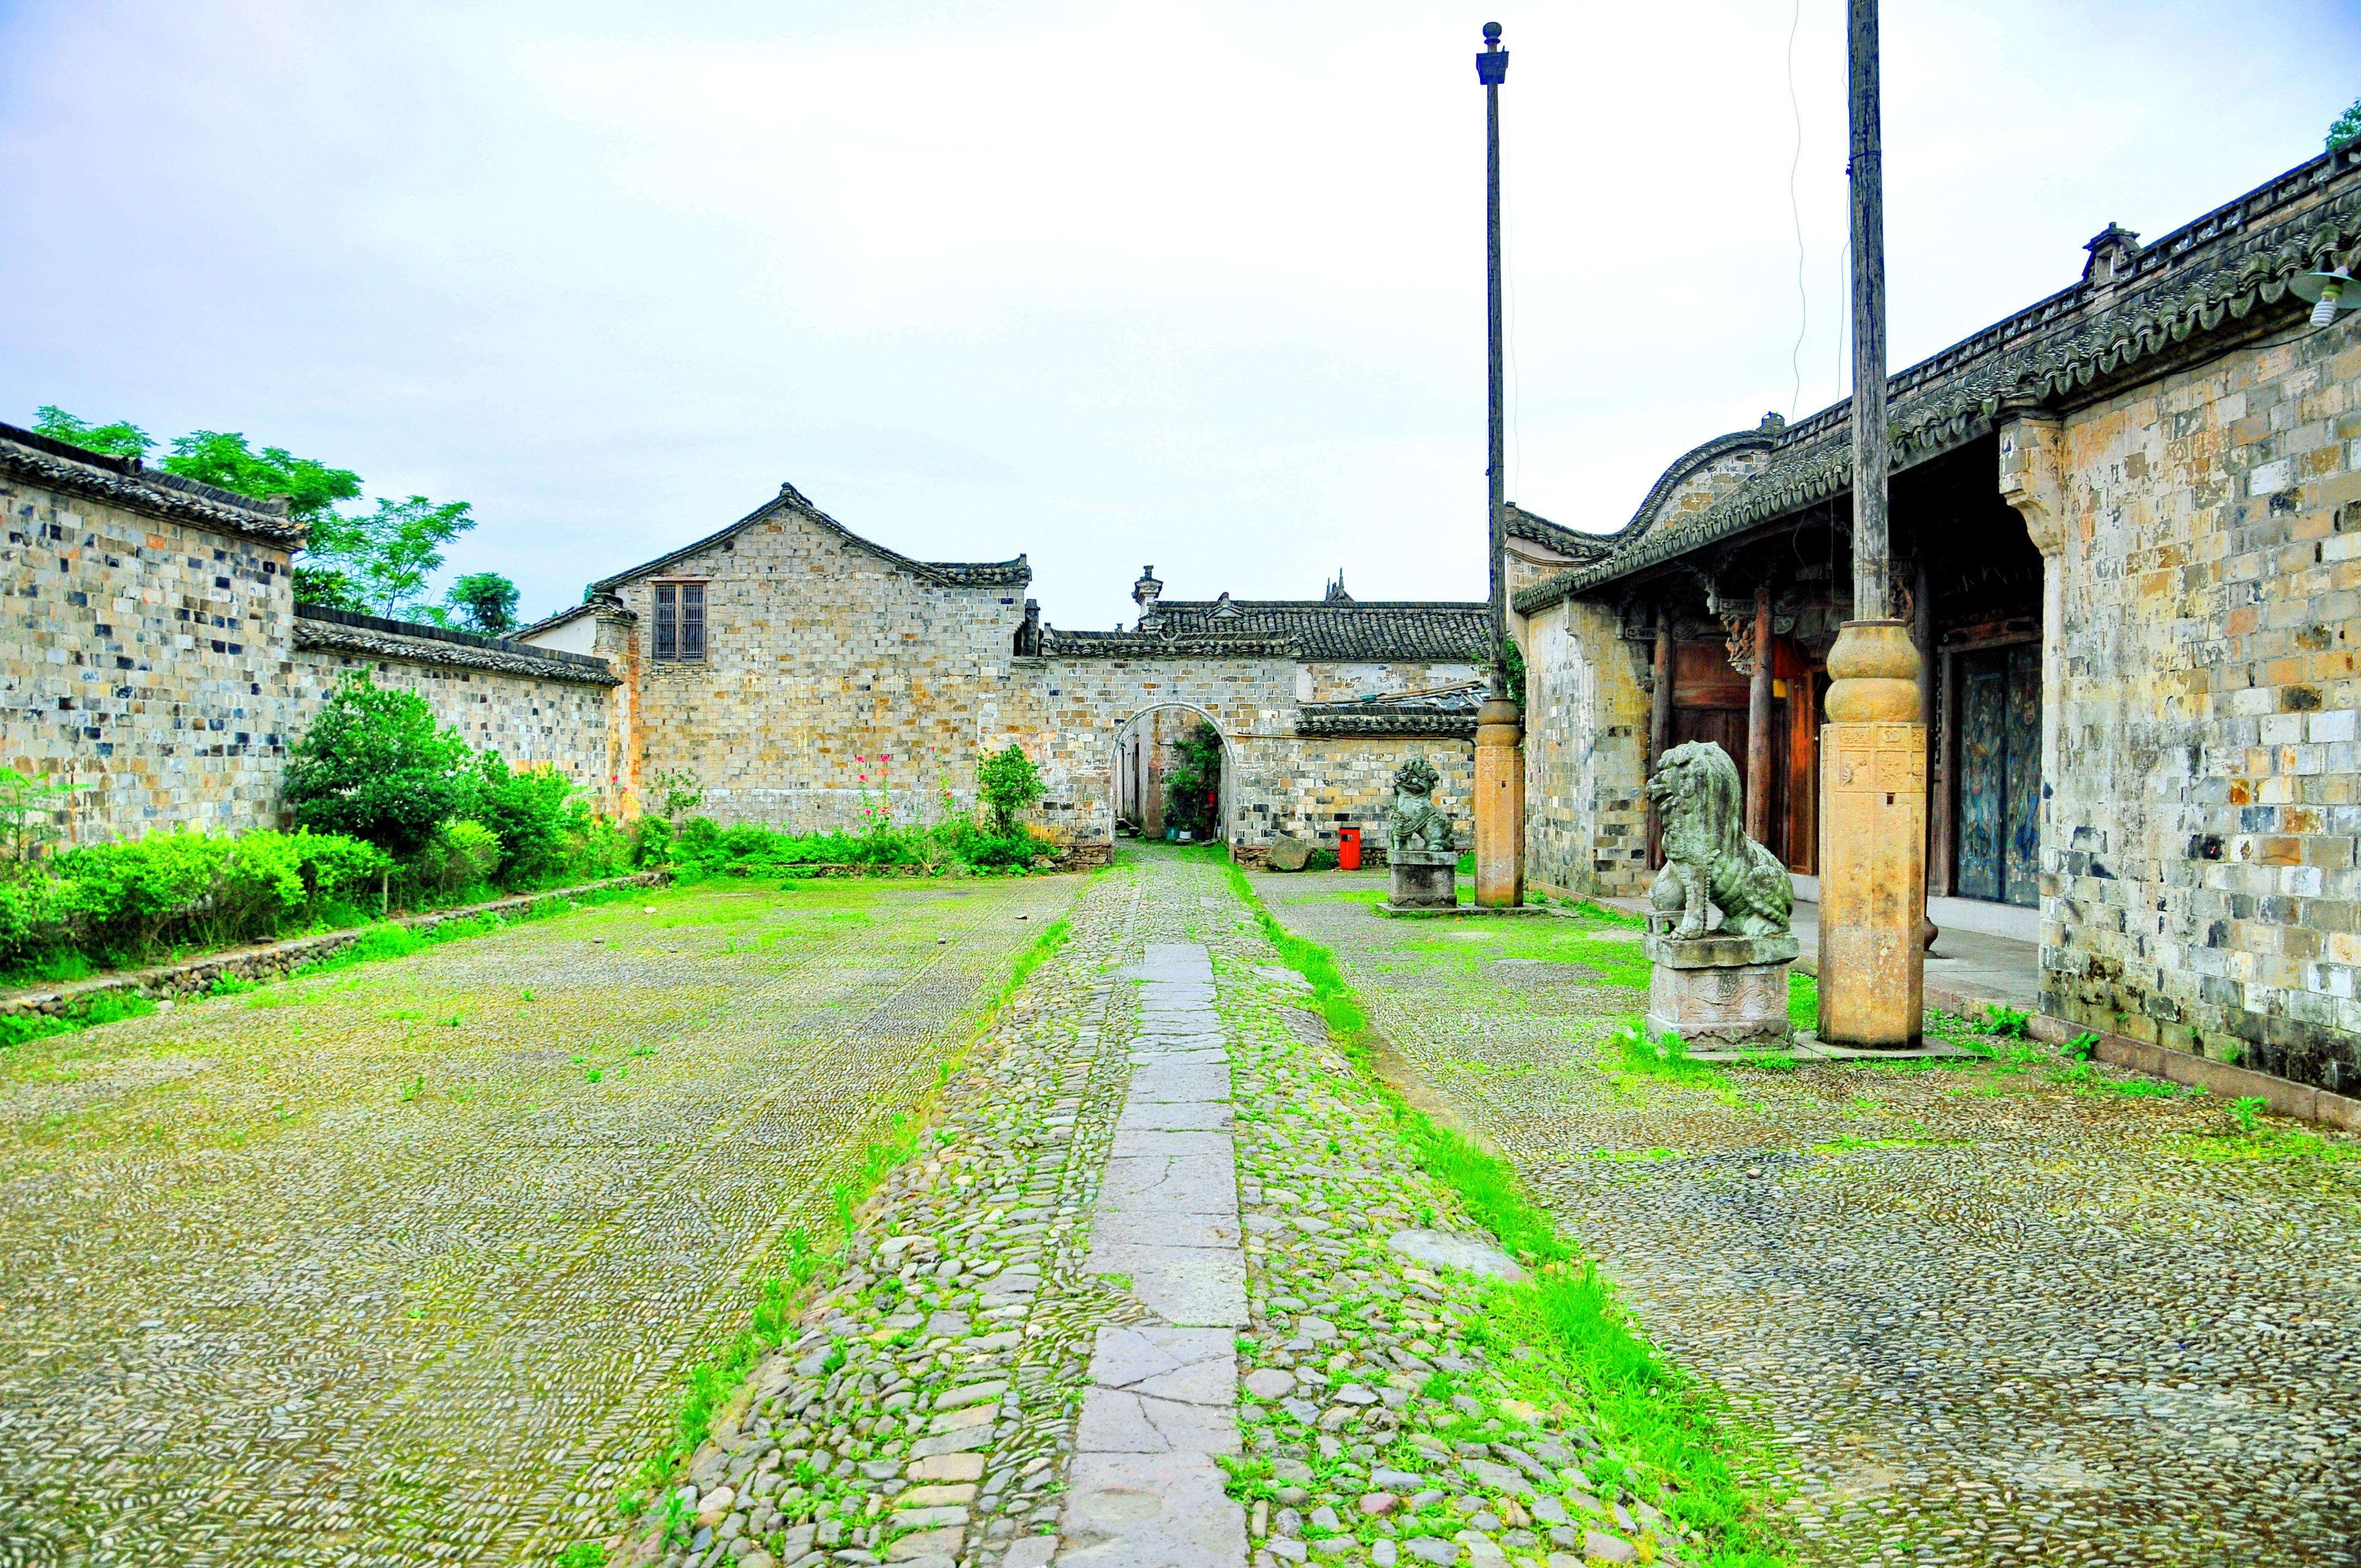 Potan Ancient Town